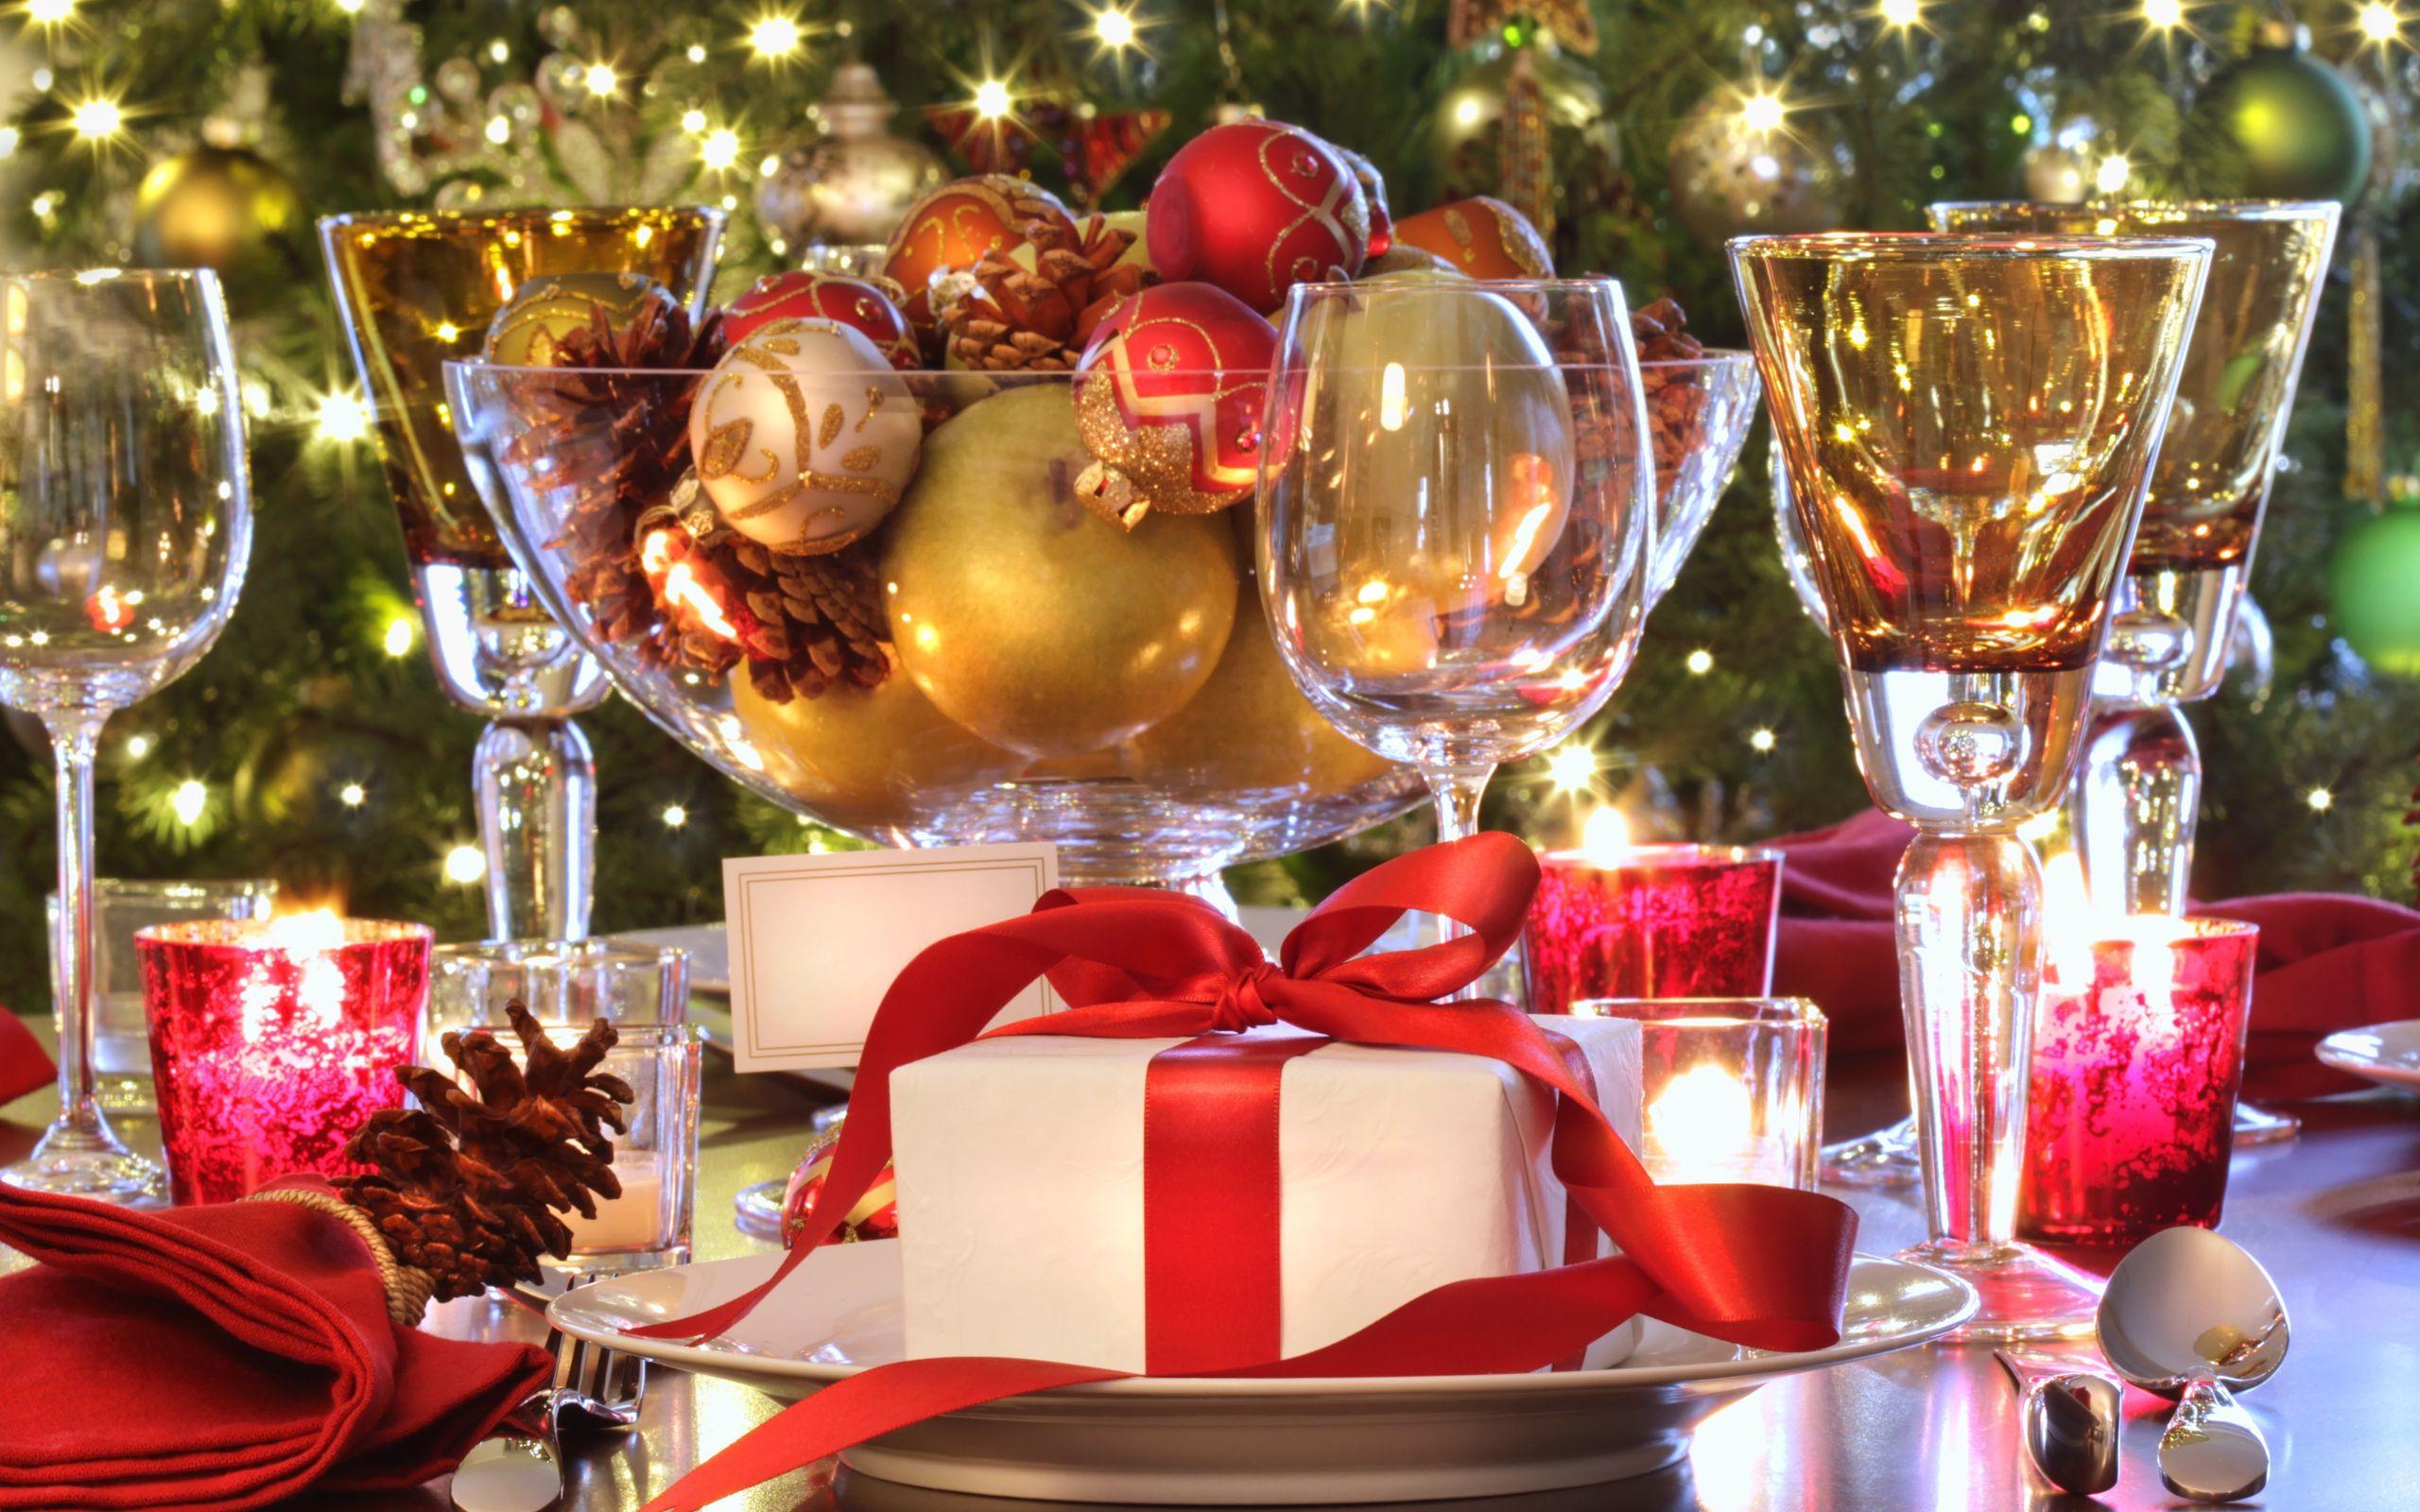 Decorar la mesa de navidad 2017 - Mesa de navidad decorada ...